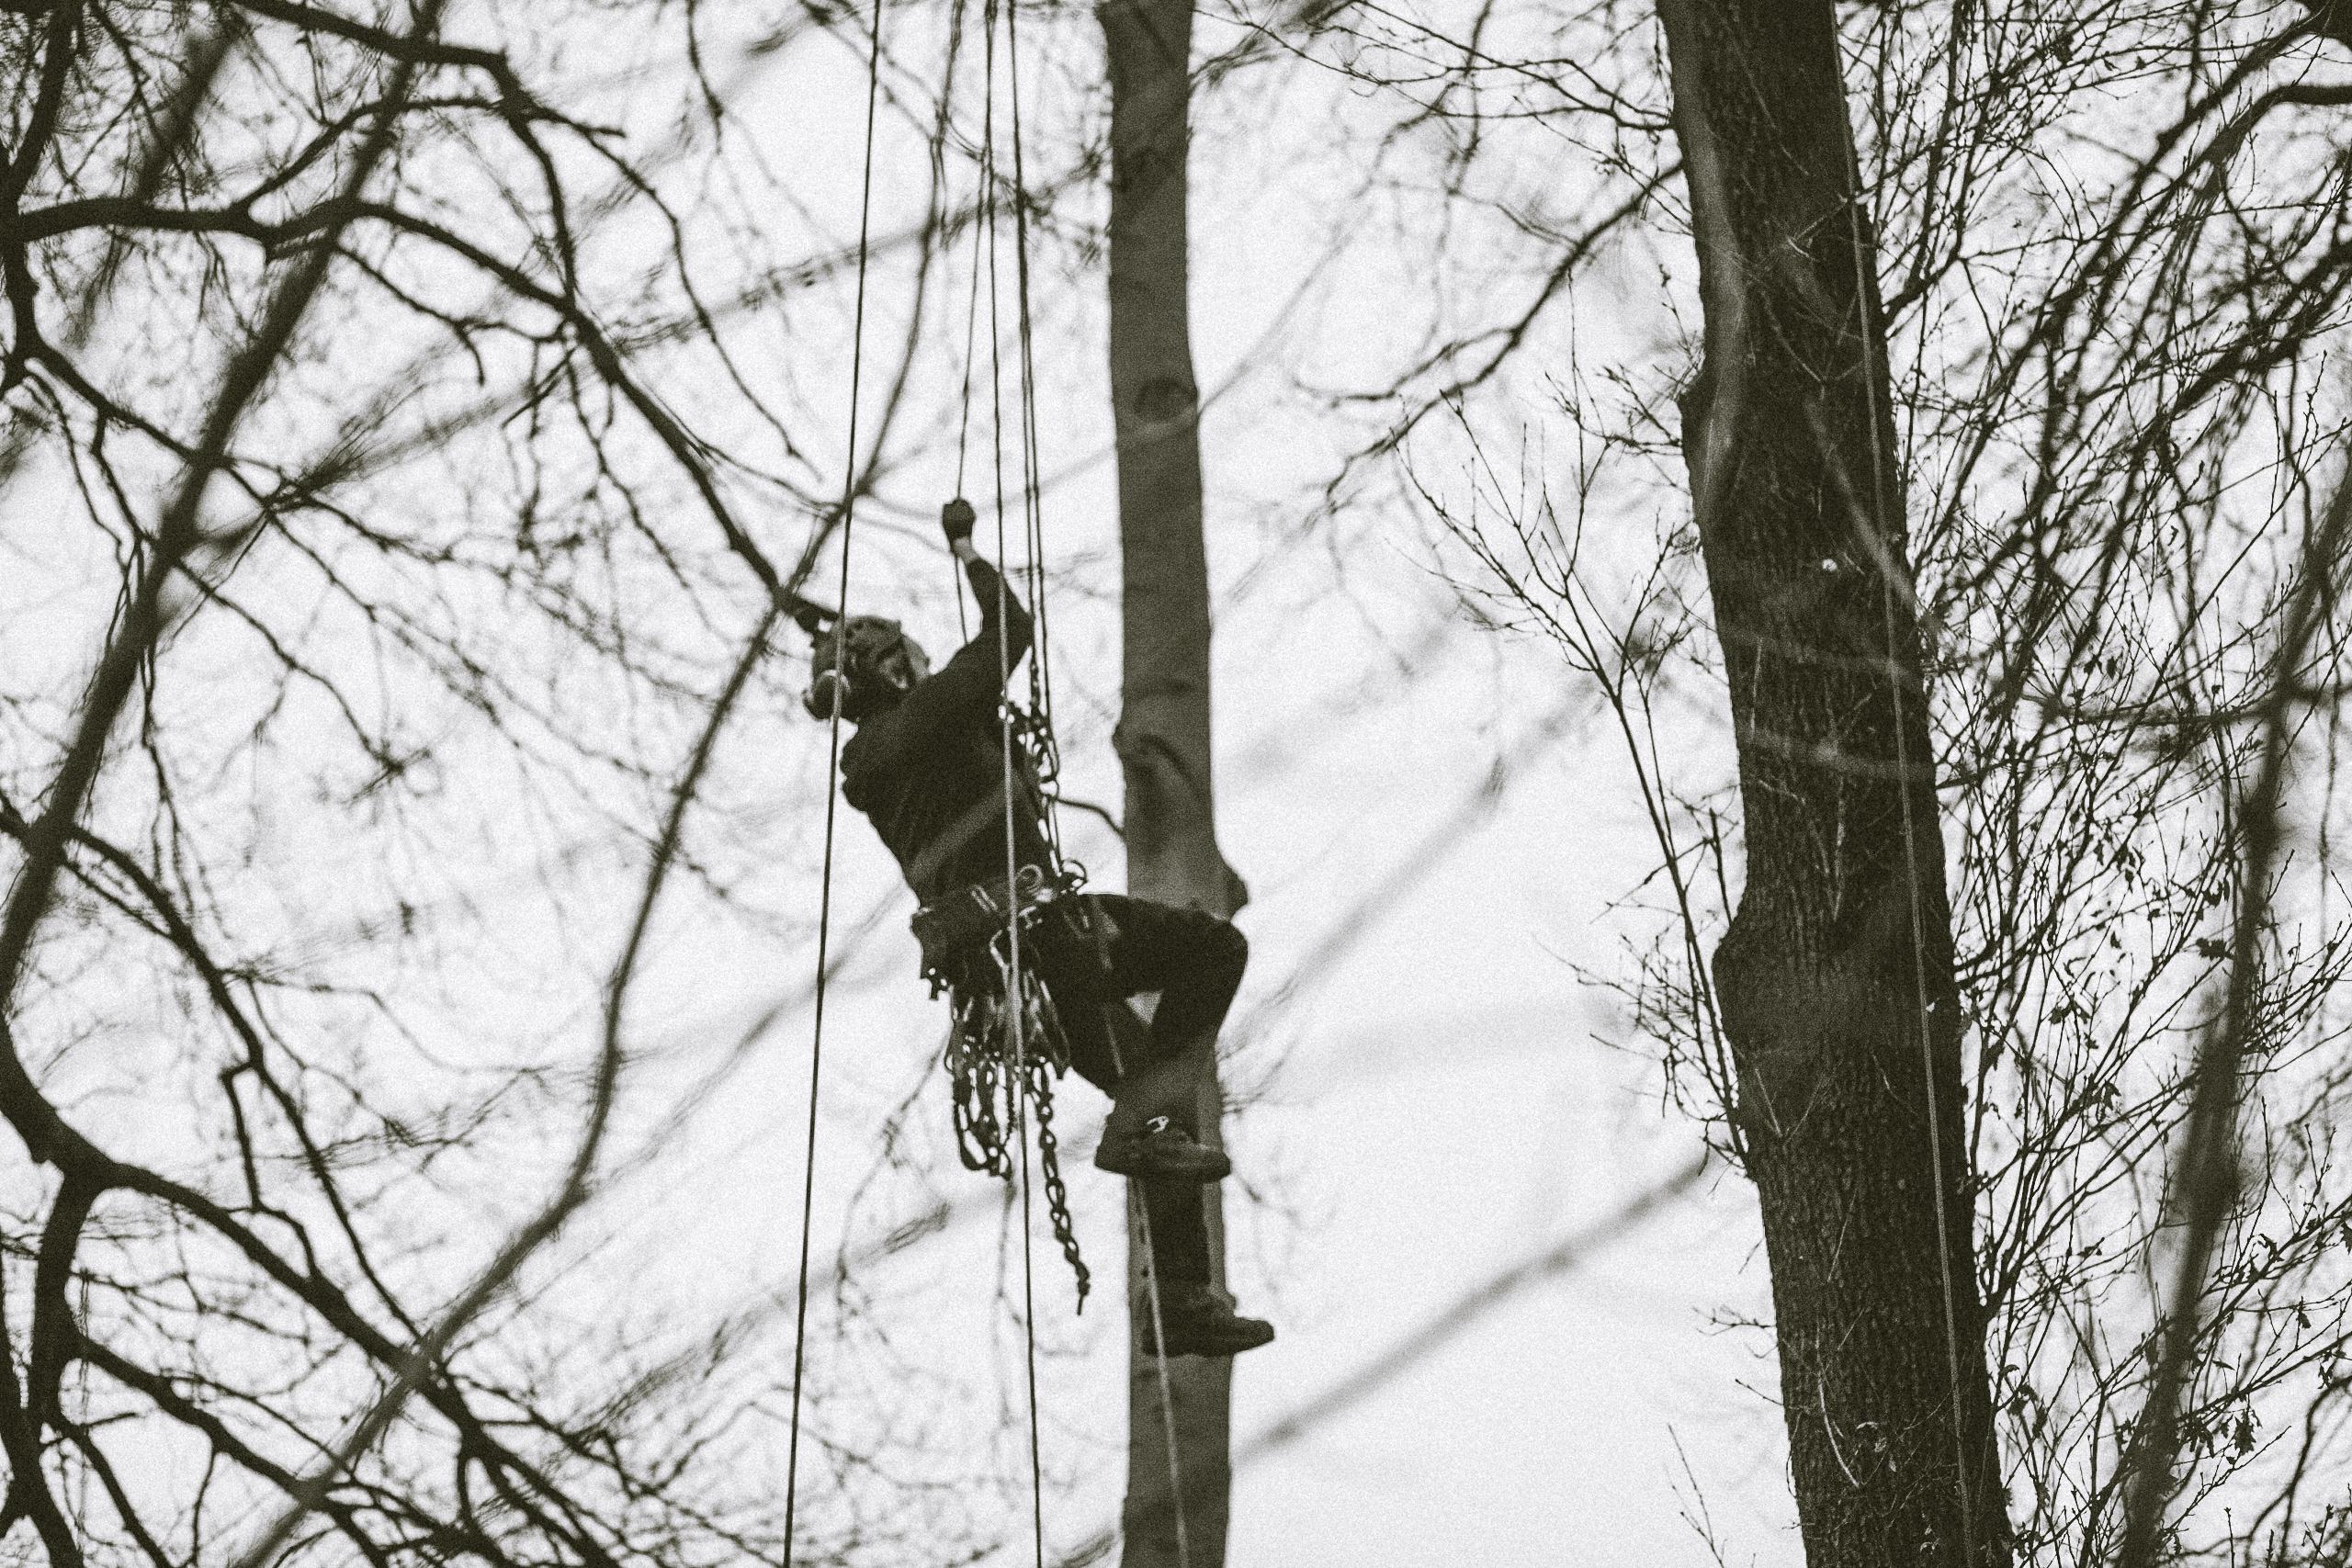 Mit speziellen Seilklemmen gelingt uns der Aufstieg an einem Seil allein durch treten mit den Füßen.